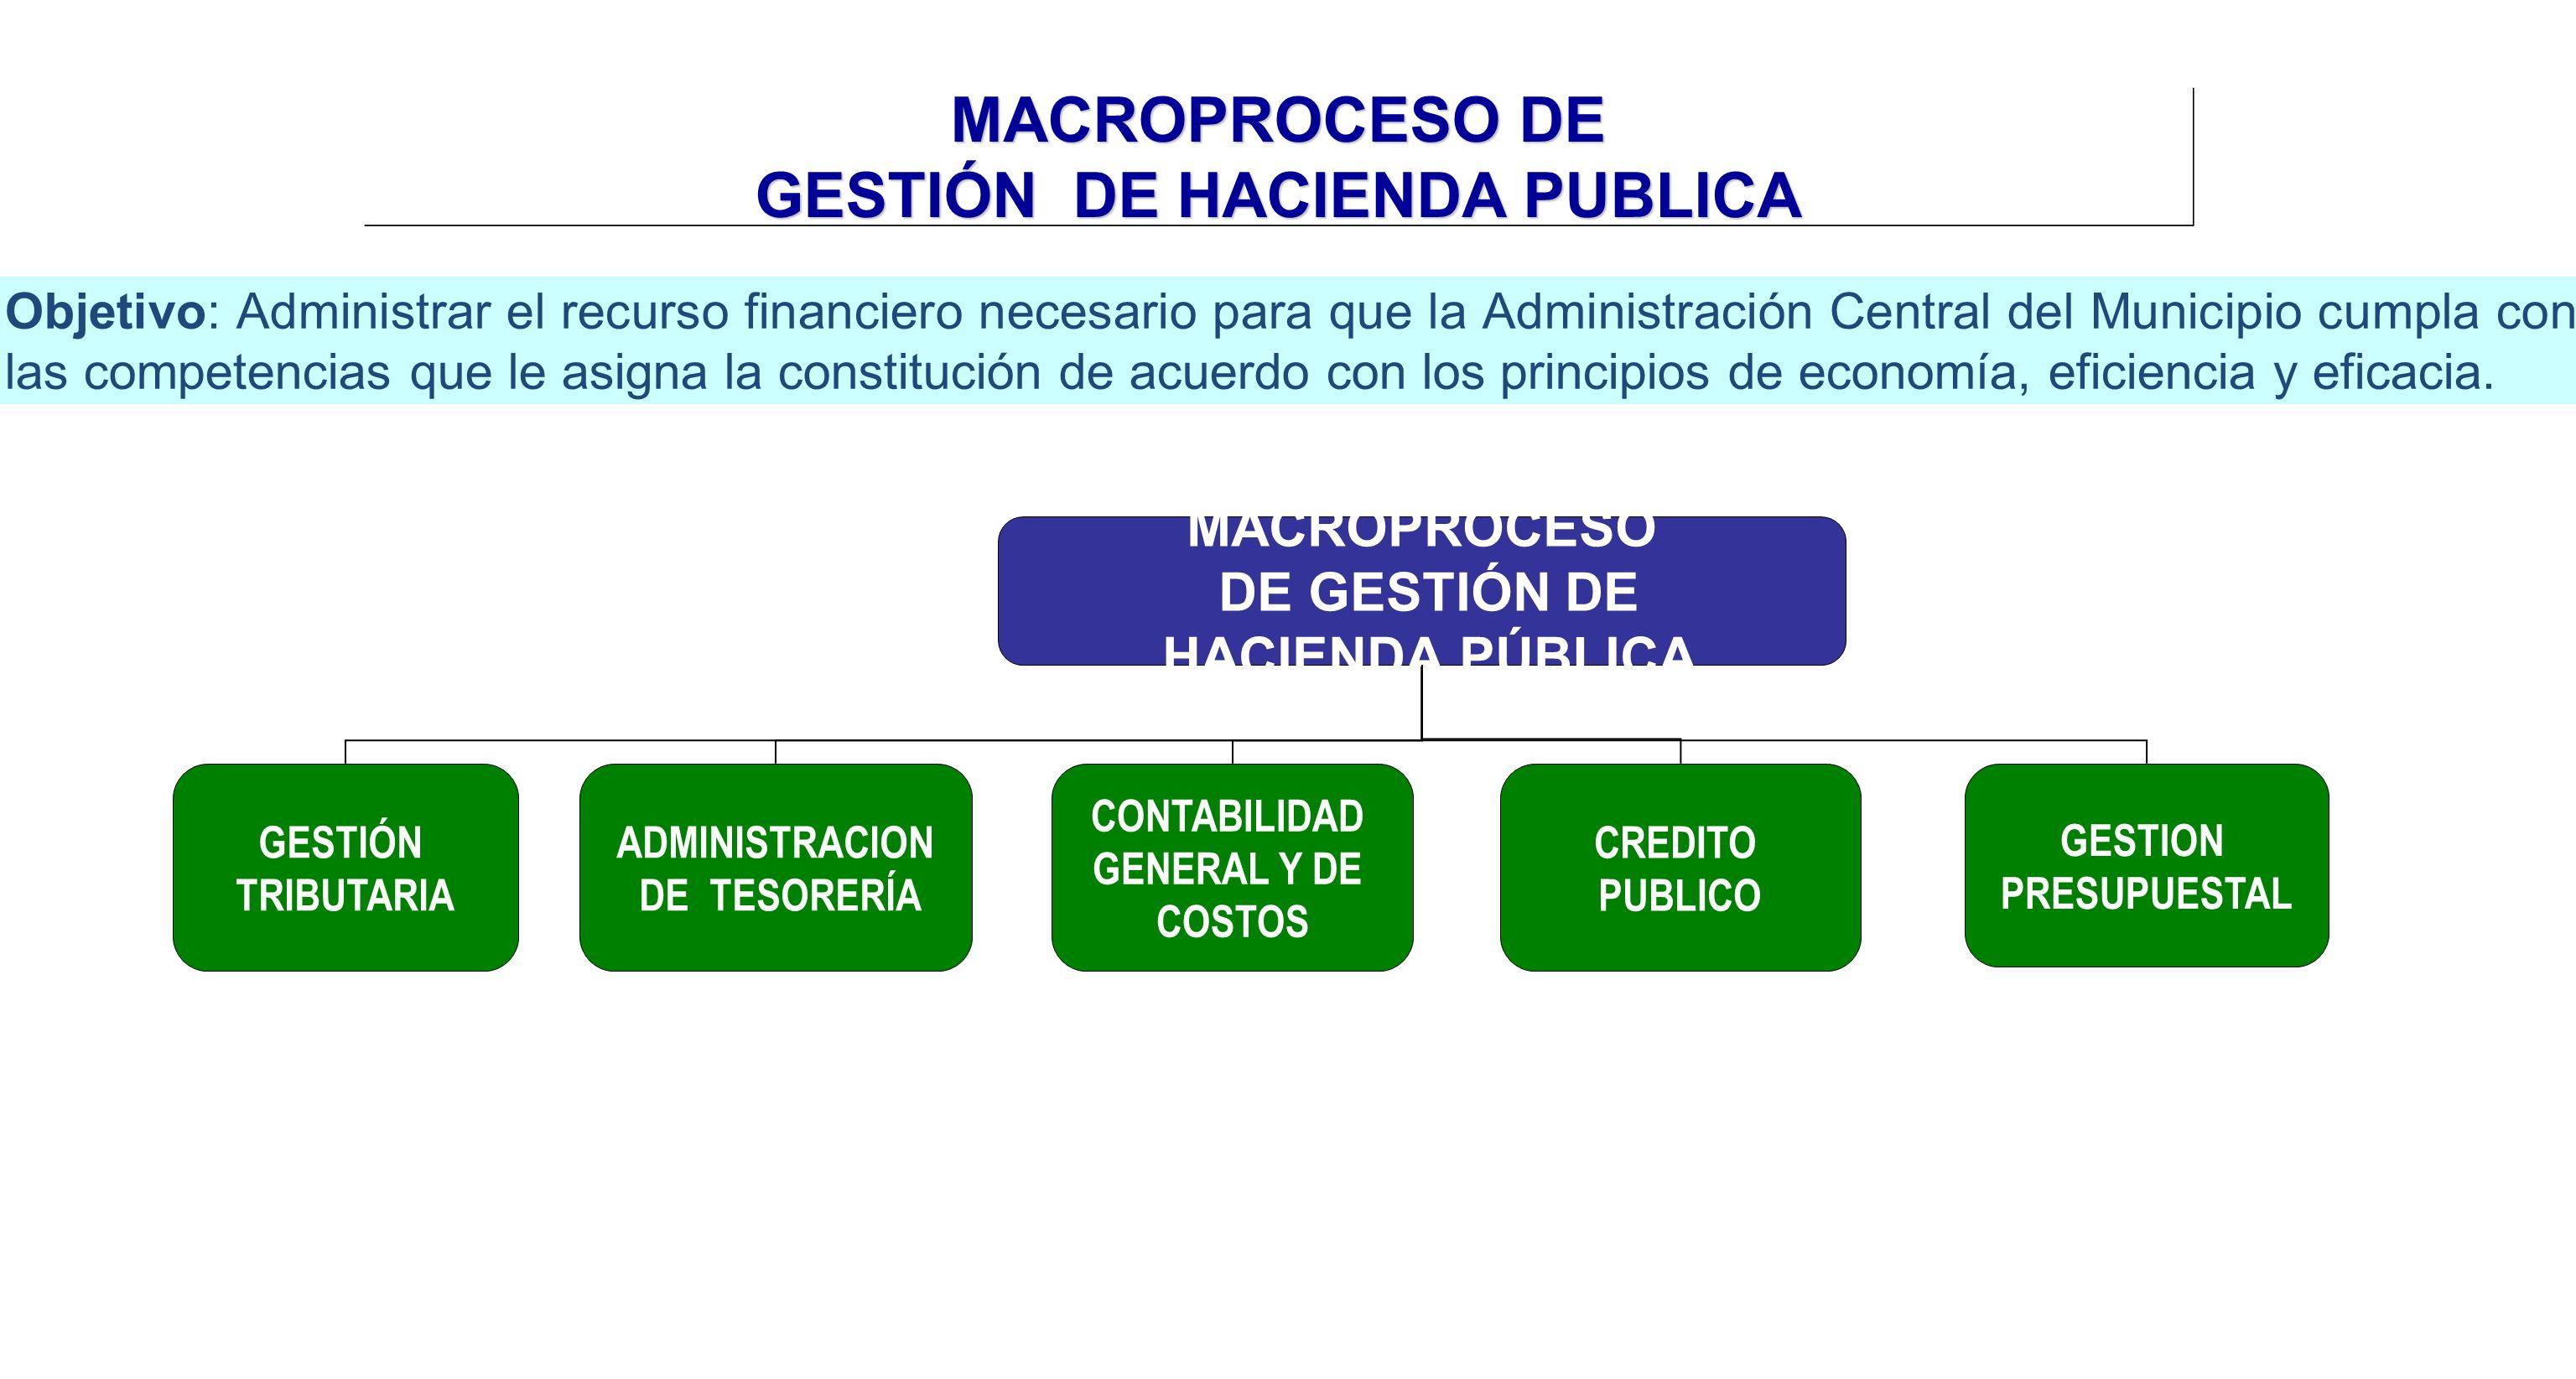 MACROPROCESO DE GESTIÓN DE HACIENDA PUBLICA MACROPROCESO DE GESTIÓN DE HACIENDA PÚBLICA GESTIÓN TRIBUTARIA ADMINISTRACION DE TESORERÍA CONTABILIDAD GE